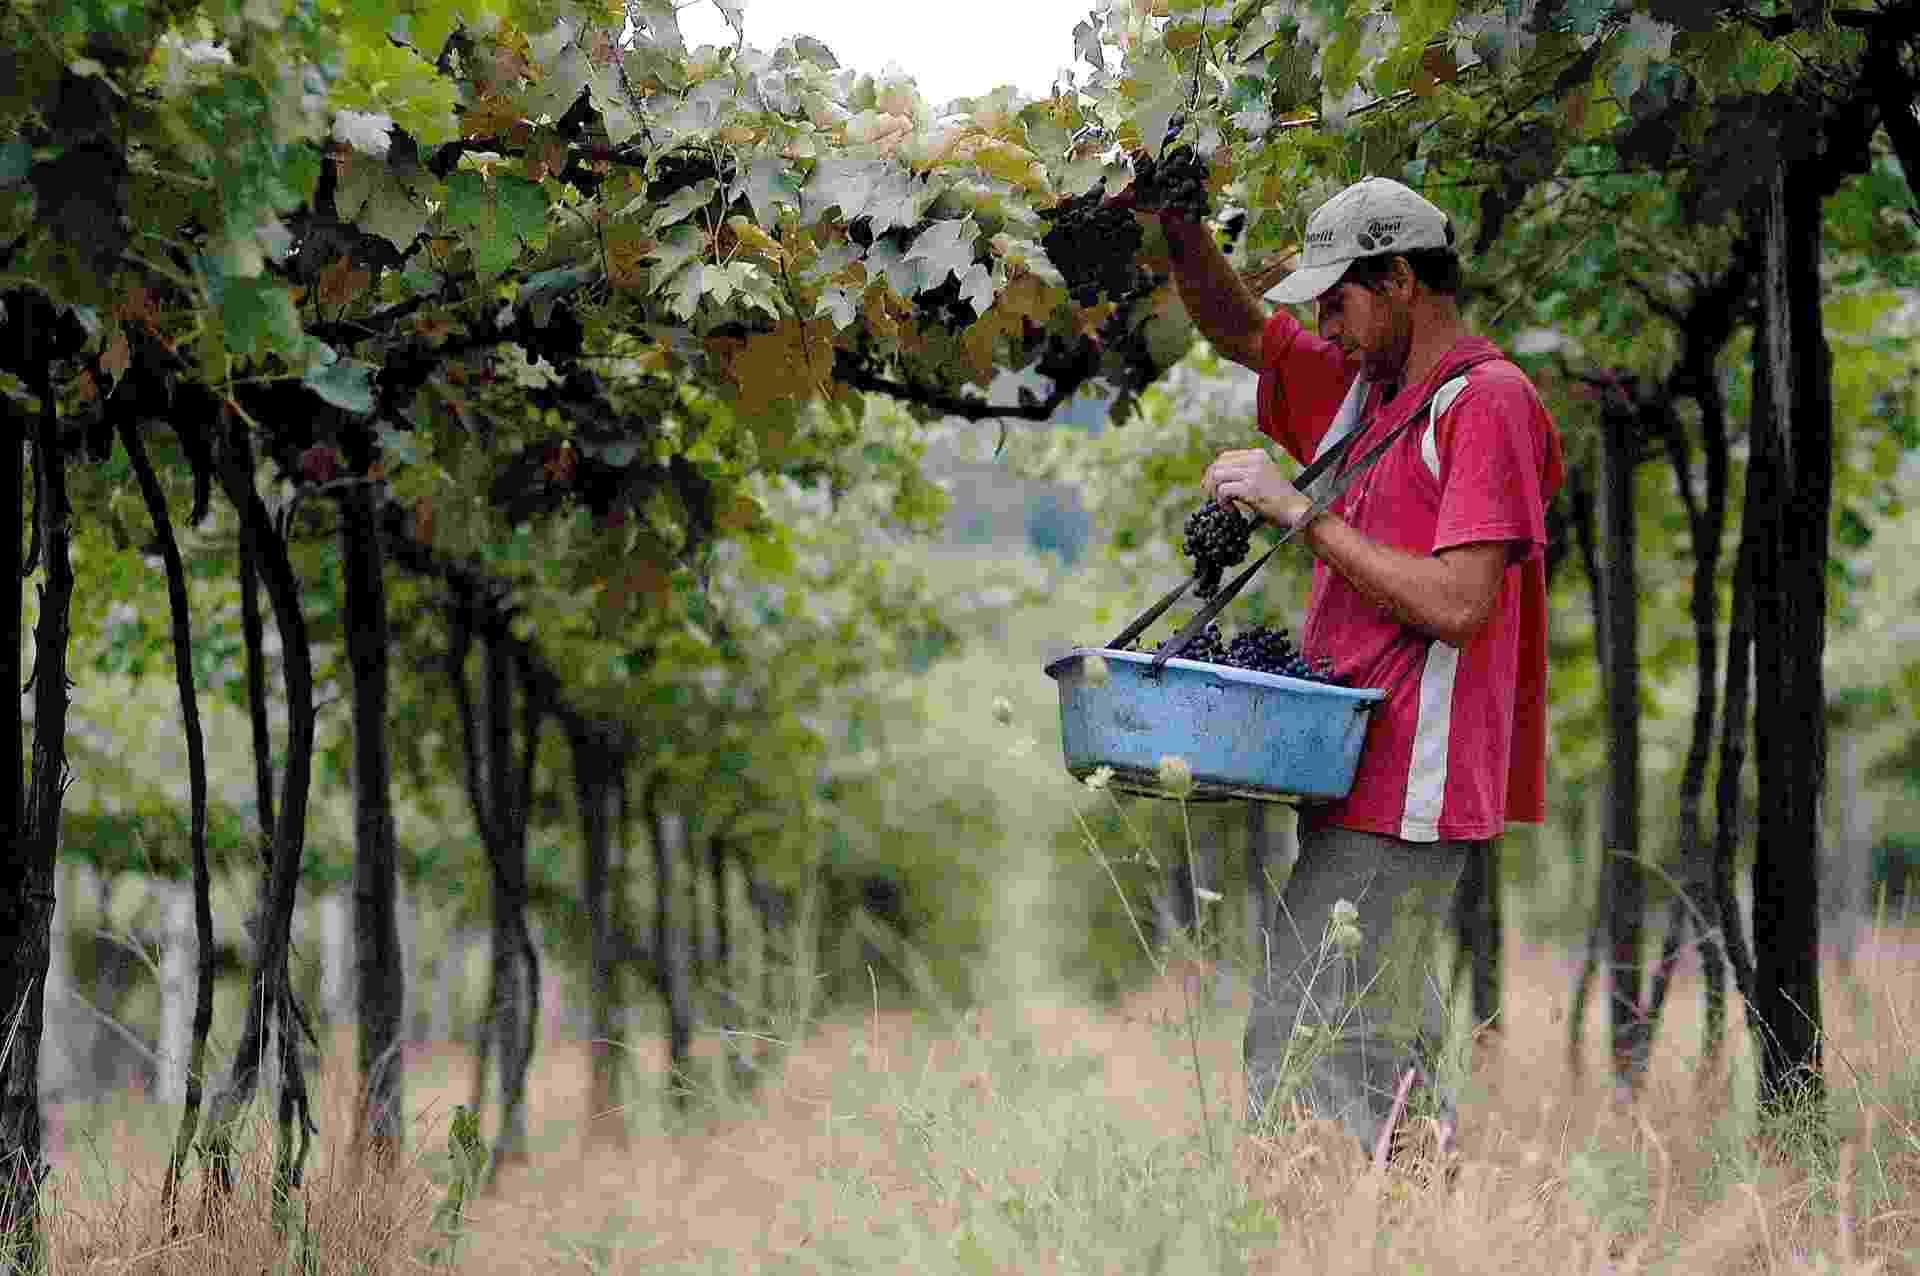 O município de Monte Belo do Sul é o maior produtor per capita de uvas especiais para a elaboração de vinhos finos, da América Latina, com 16 toneladas per capita/ano - Divulgação/Gilmar Gomes